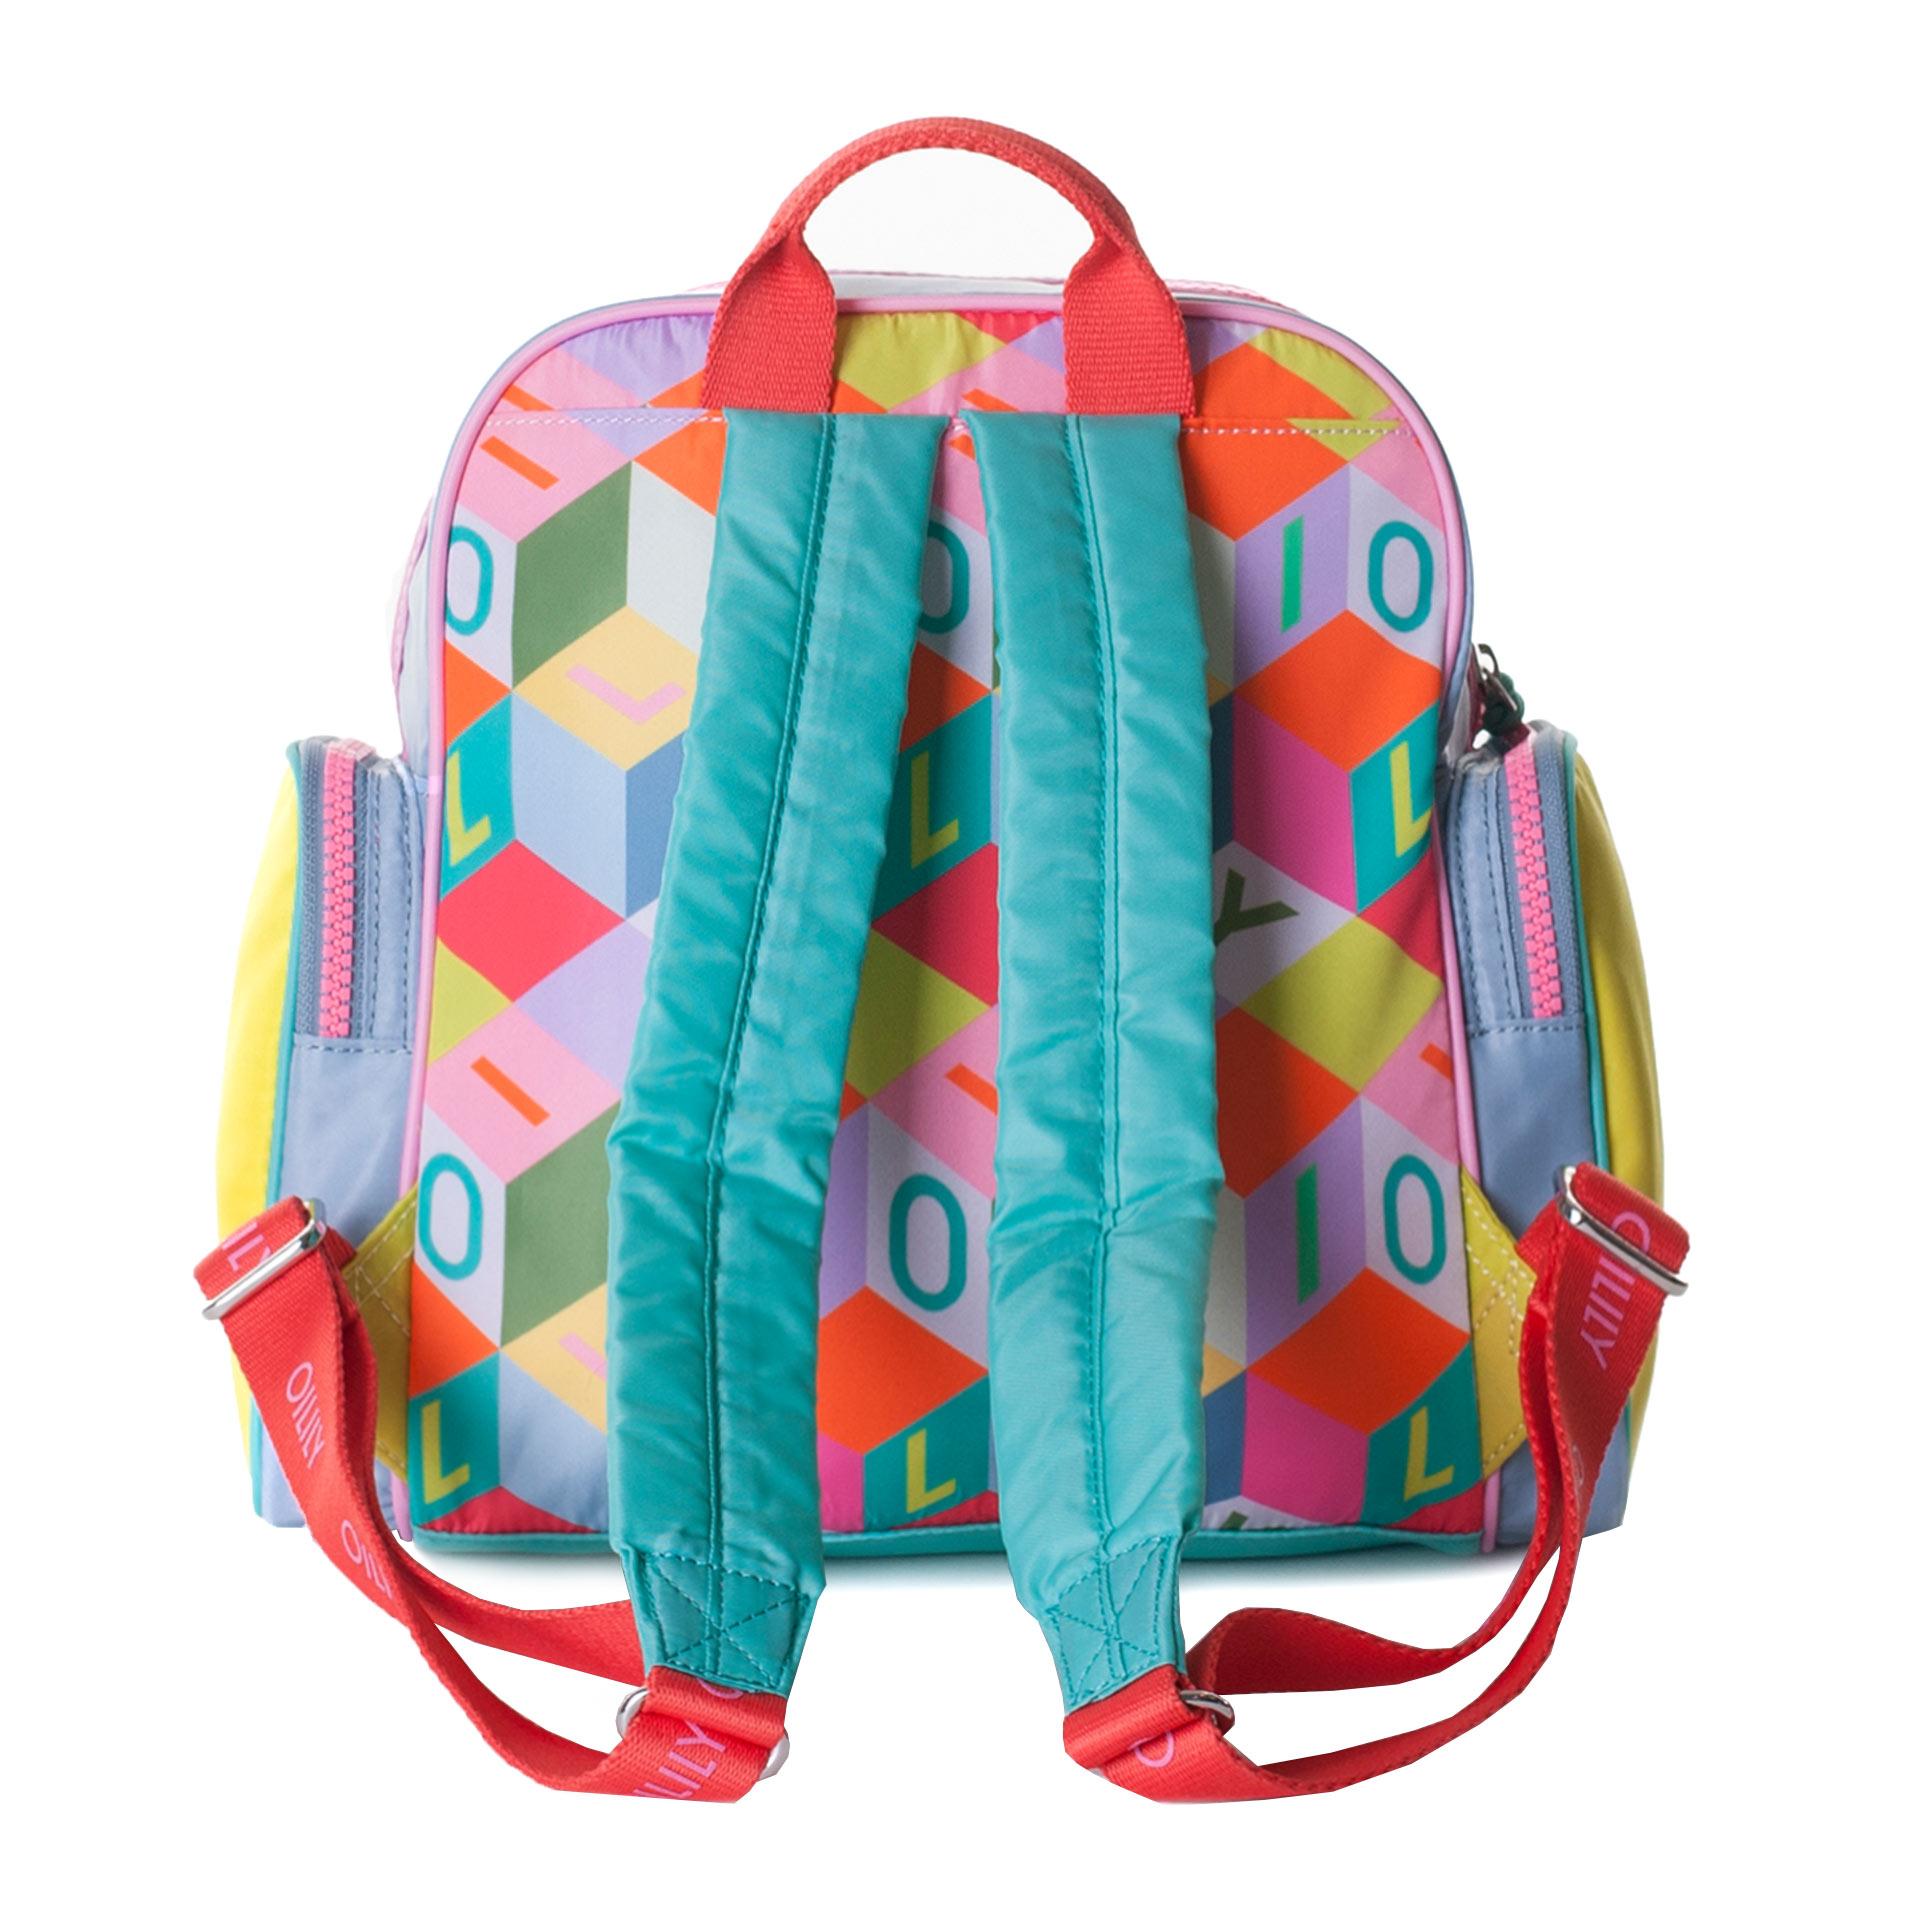 Aqua Sits Rucksack multicolor